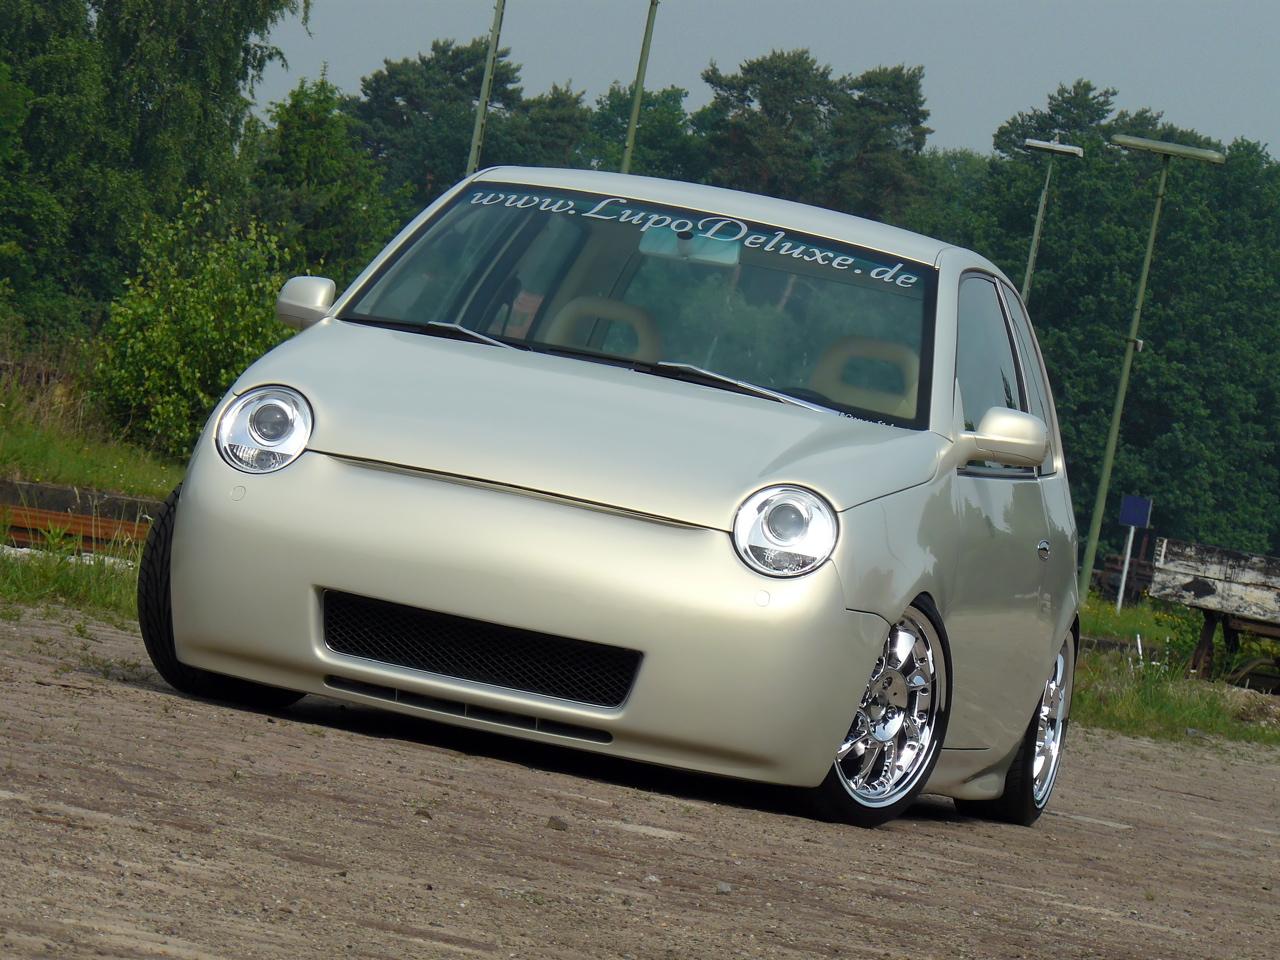 VW Lupo Effektlackierung Sonderlackierung